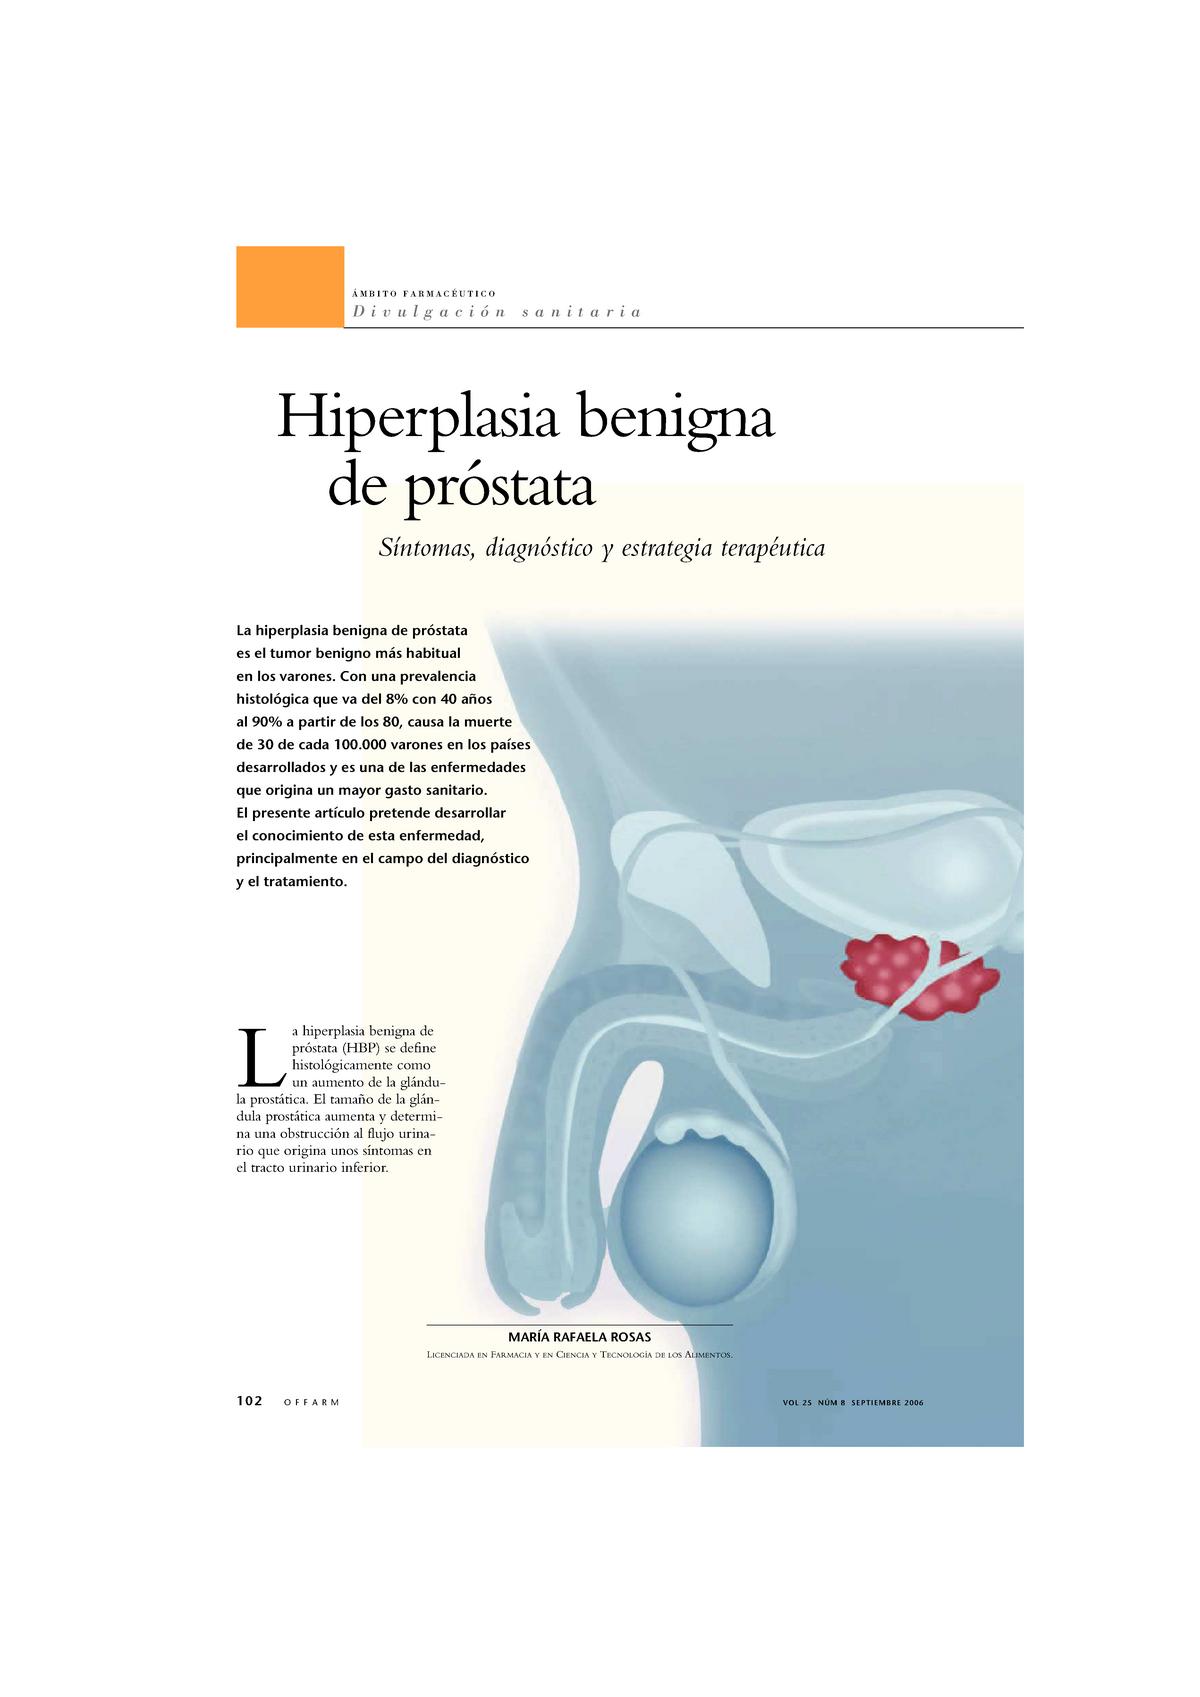 cual es el parámetro correcto de la próstata psal